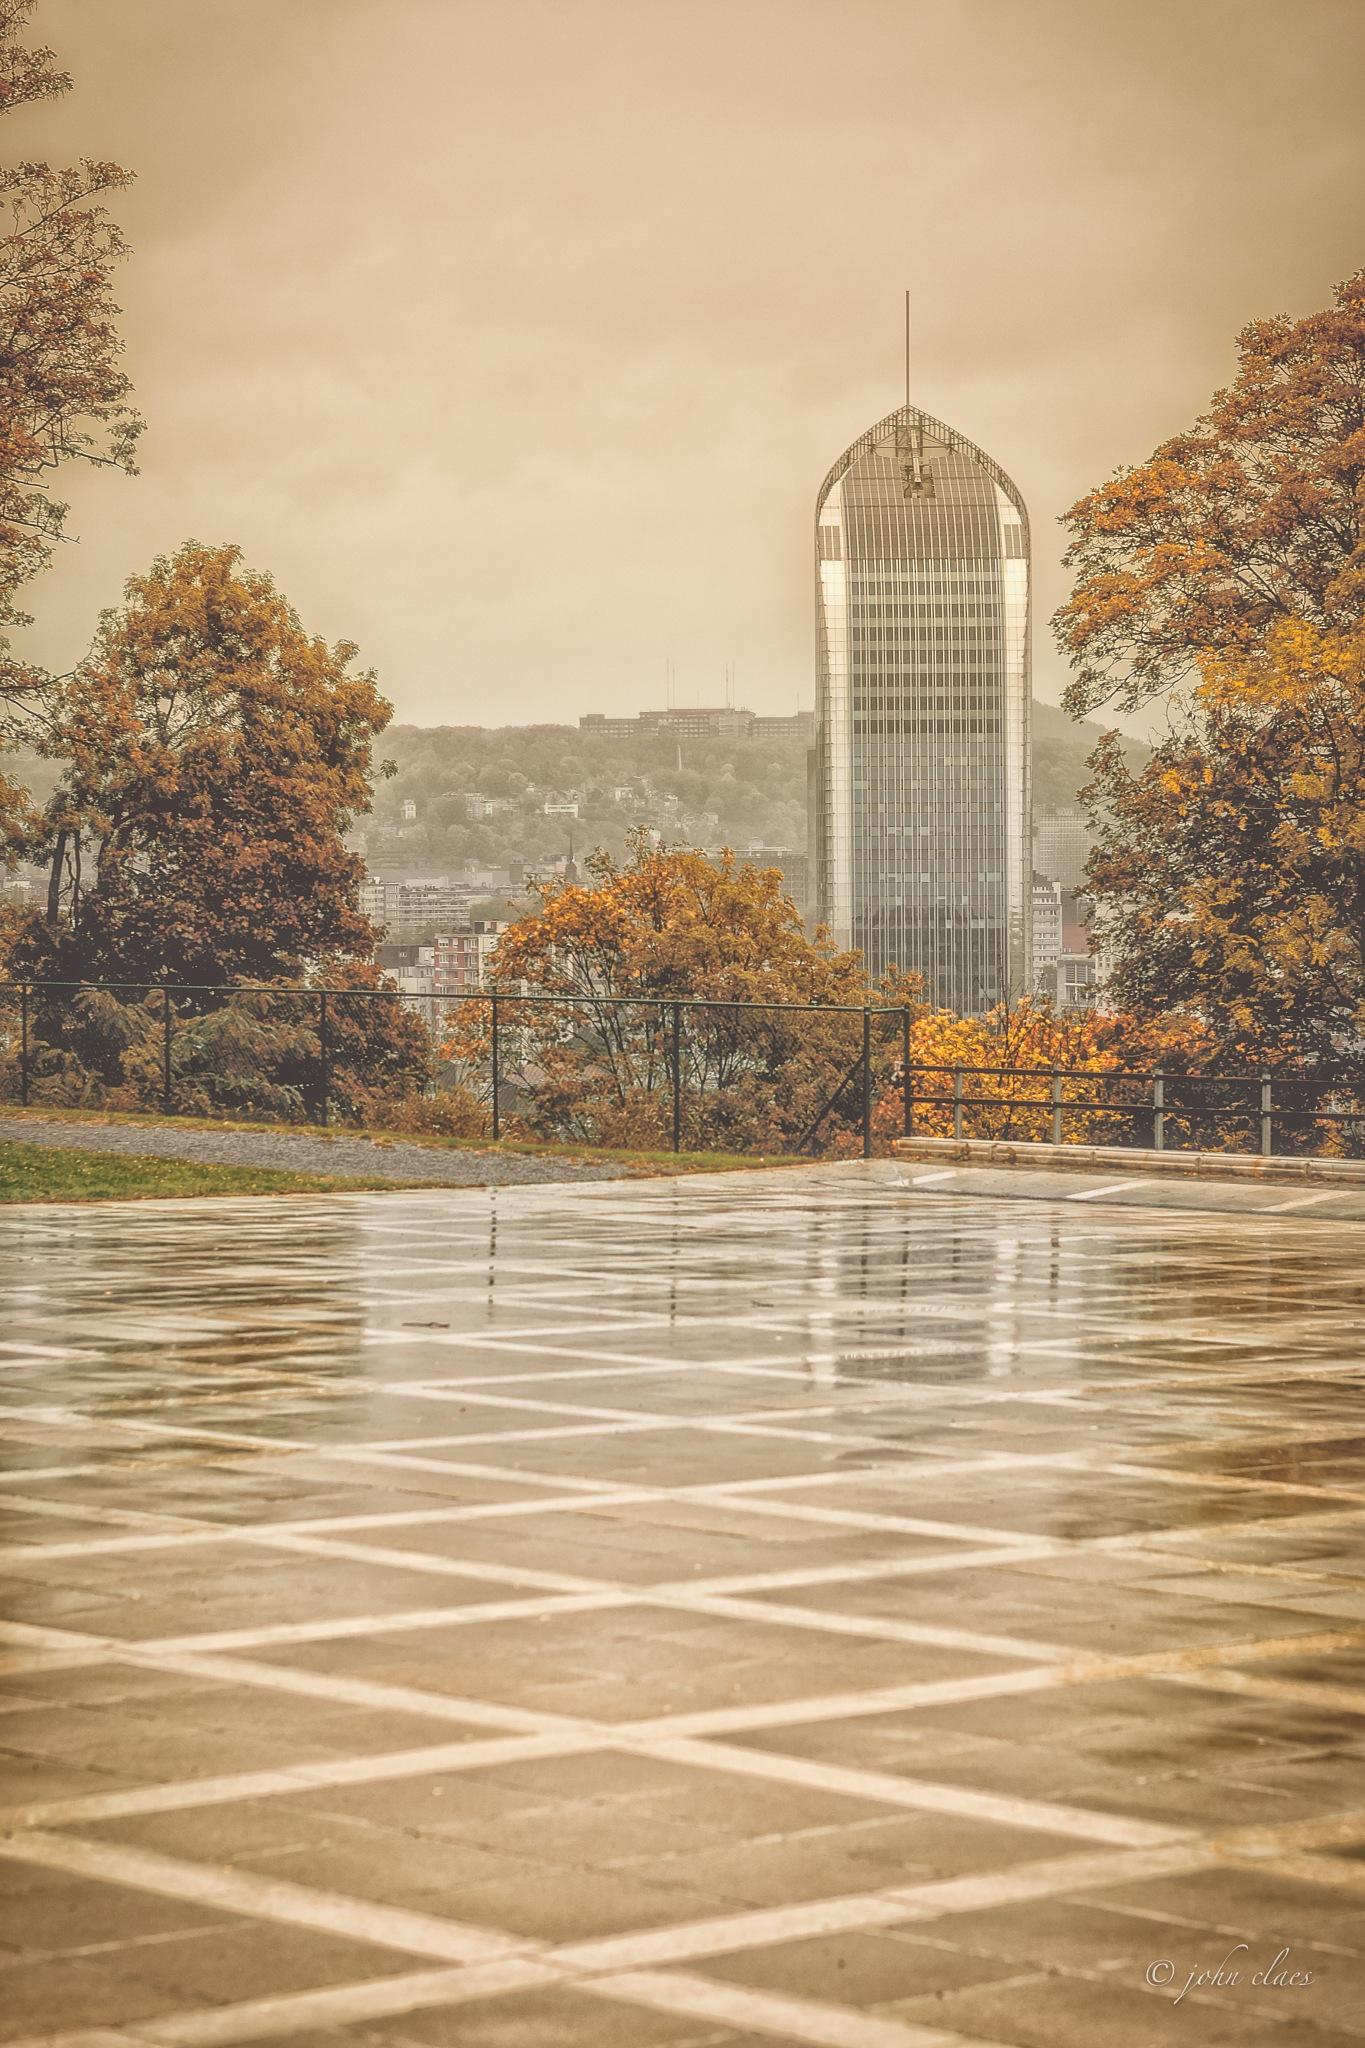 New finance building liege by fotoclaesjohn